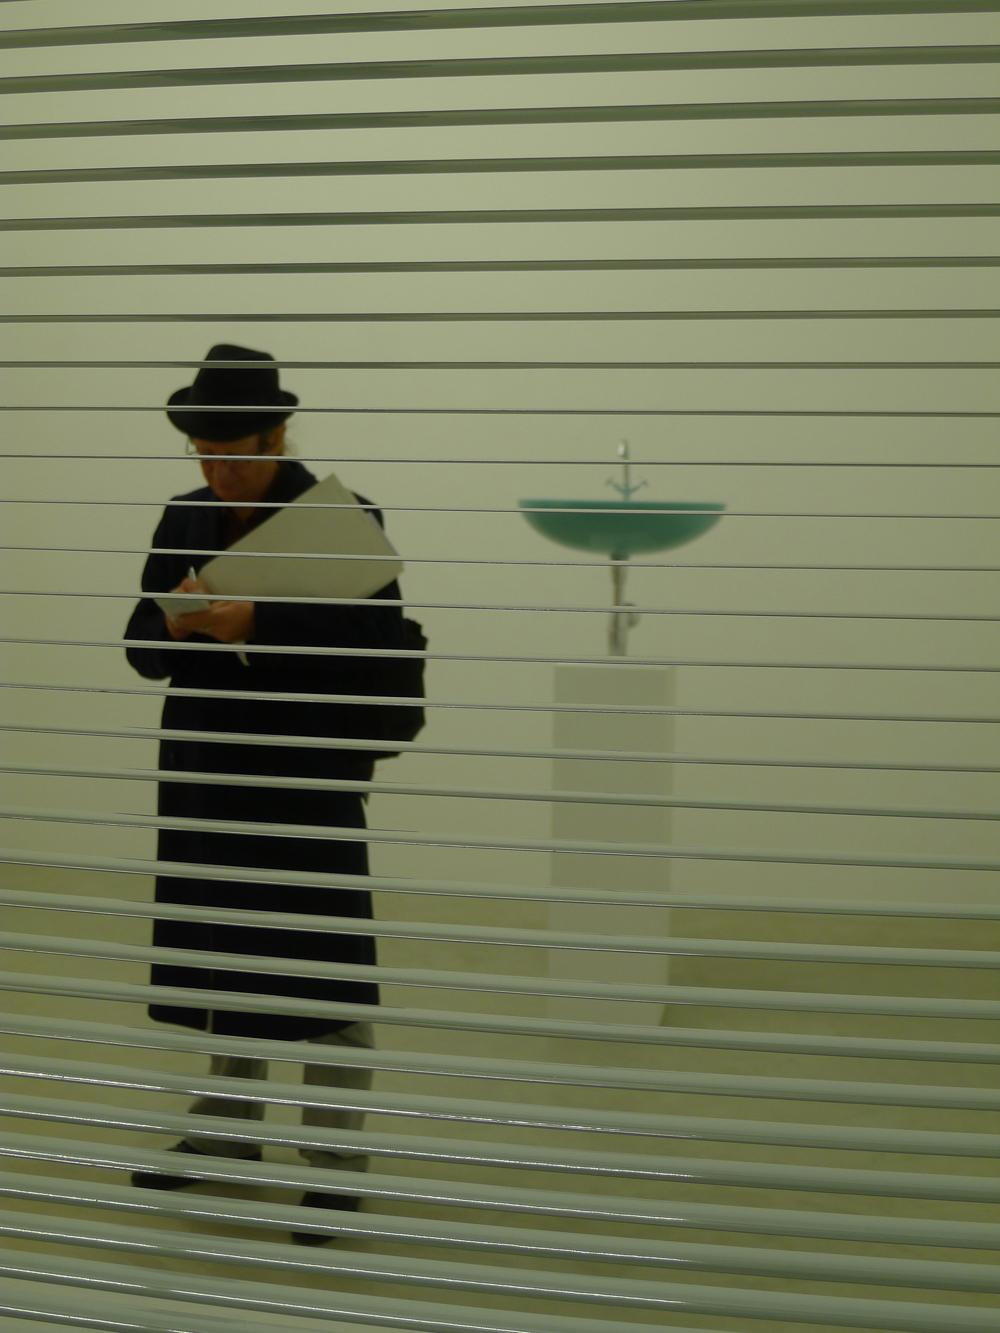 Gallery Weekend: Arbeit von Sirous Namazi in der Galerie Nordenhake, Foto: Klaas